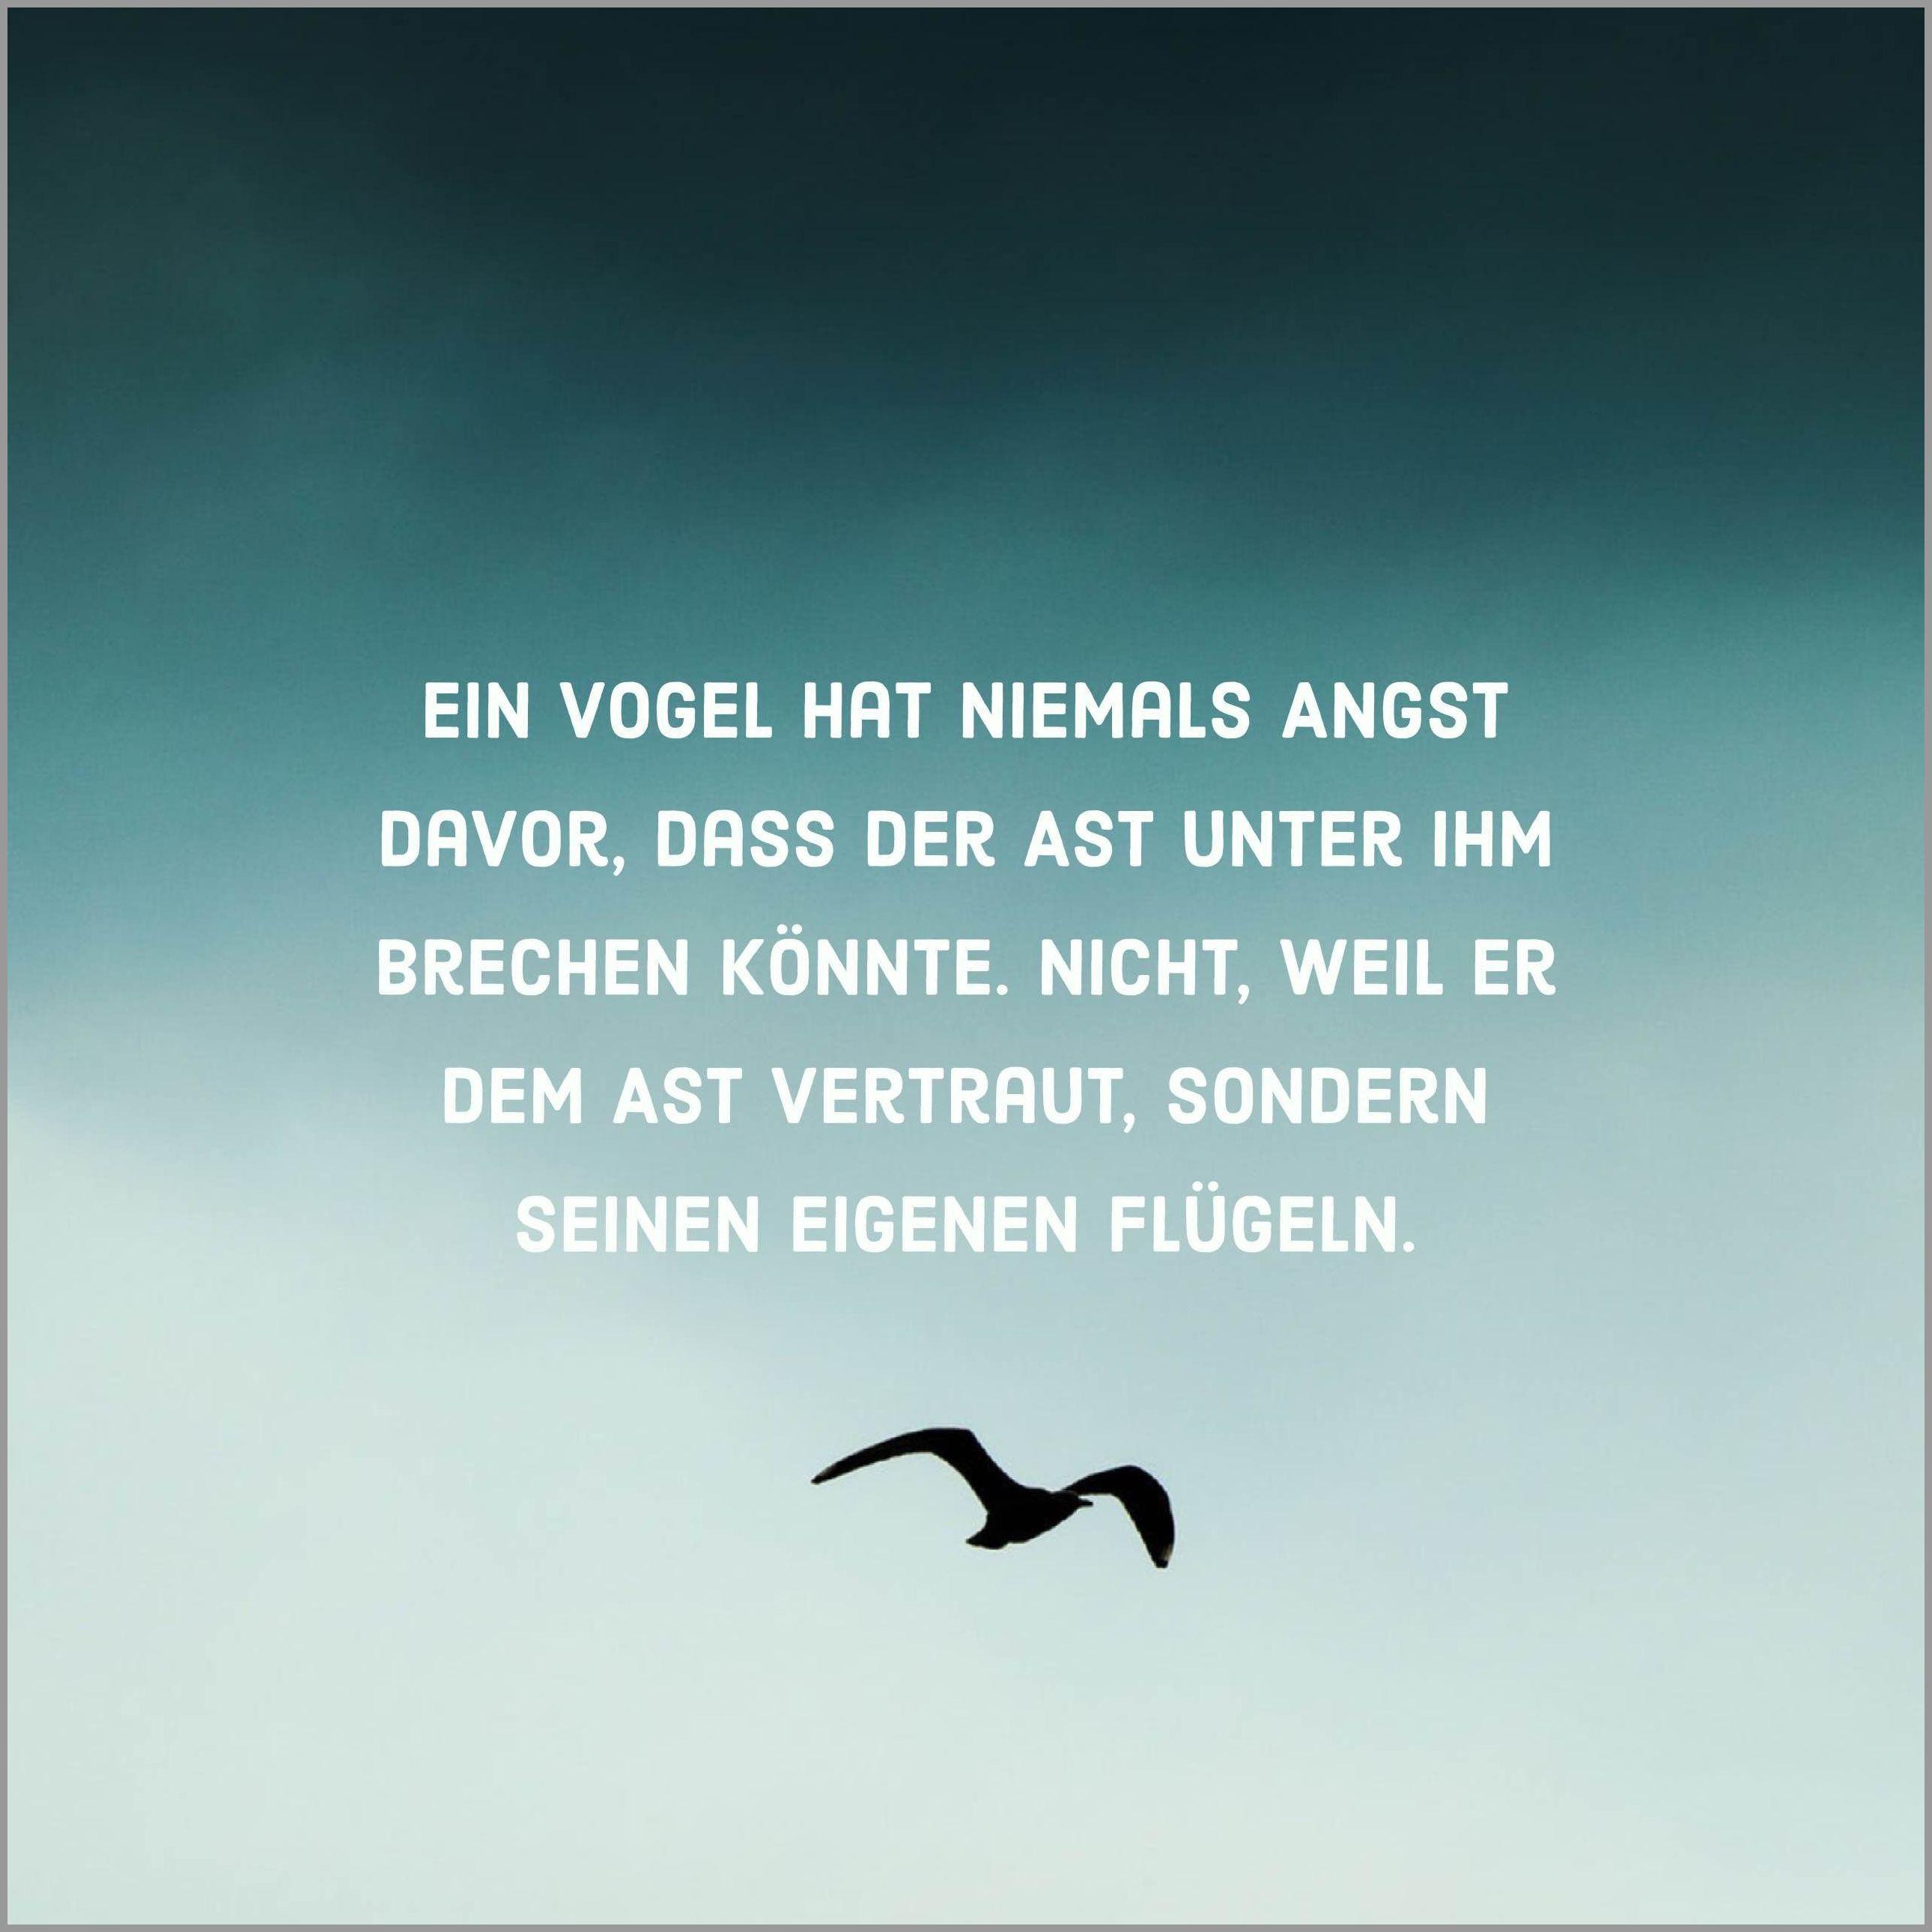 Ein vogel hat niemals angst davor dass der ast unter ihm brechen koennte nicht weil er dem ast vertraut sondern seinen eigenen fluegeln - Ein vogel hat niemals angst davor dass der ast unter ihm brechen koennte nicht weil er dem ast vertraut sondern seinen eigenen fluegeln